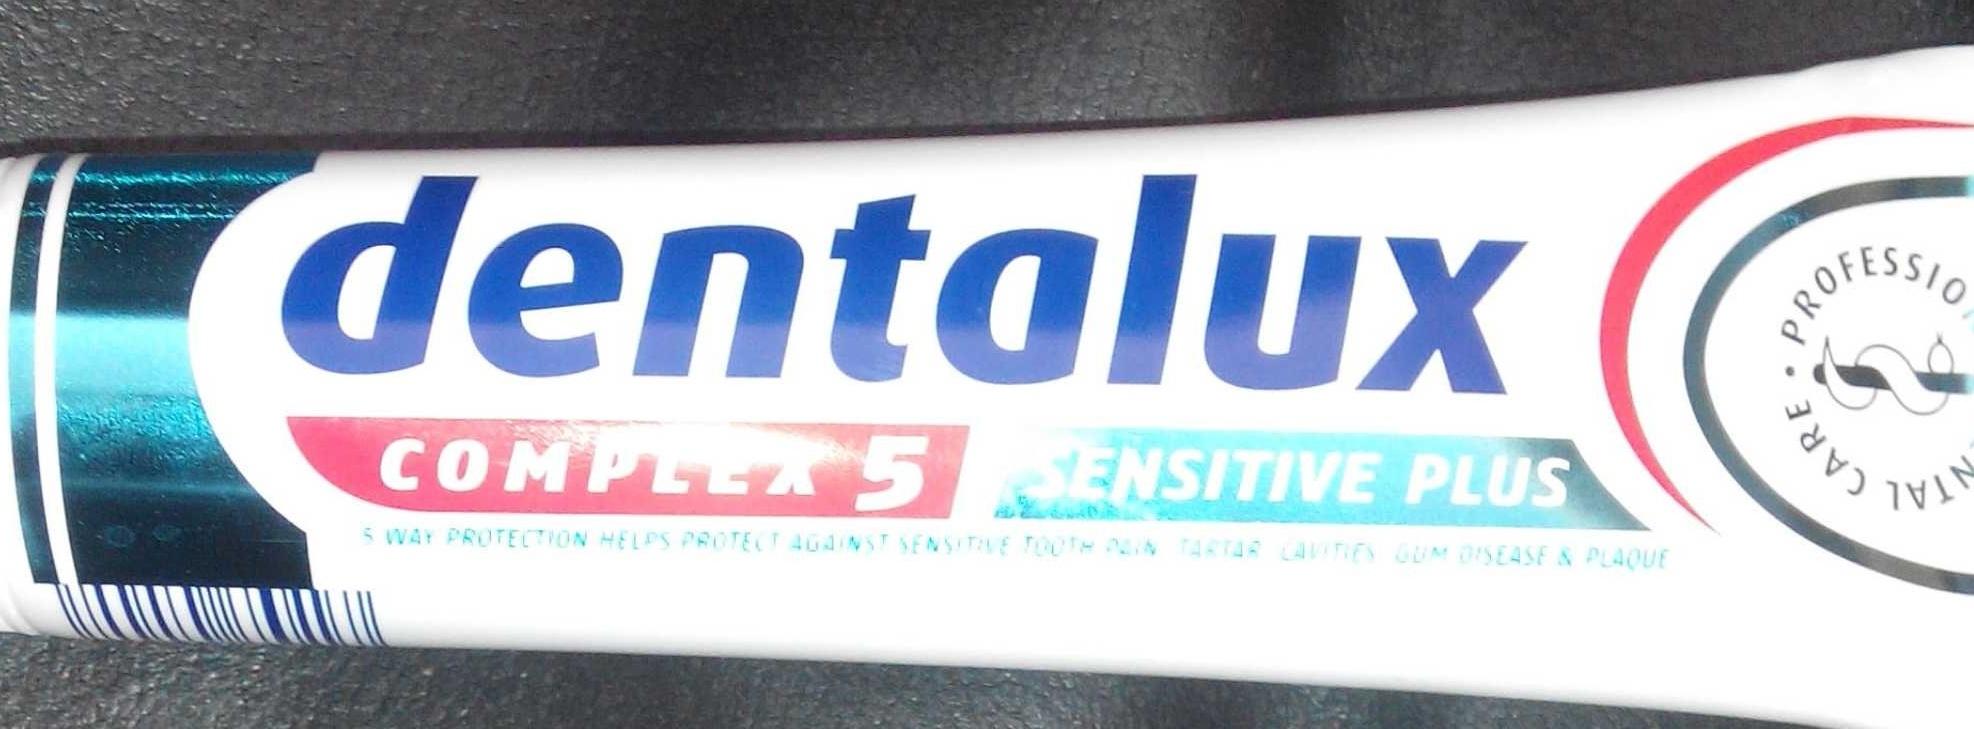 Dentifrice Complex 5 Sensitive PLus - Product - en